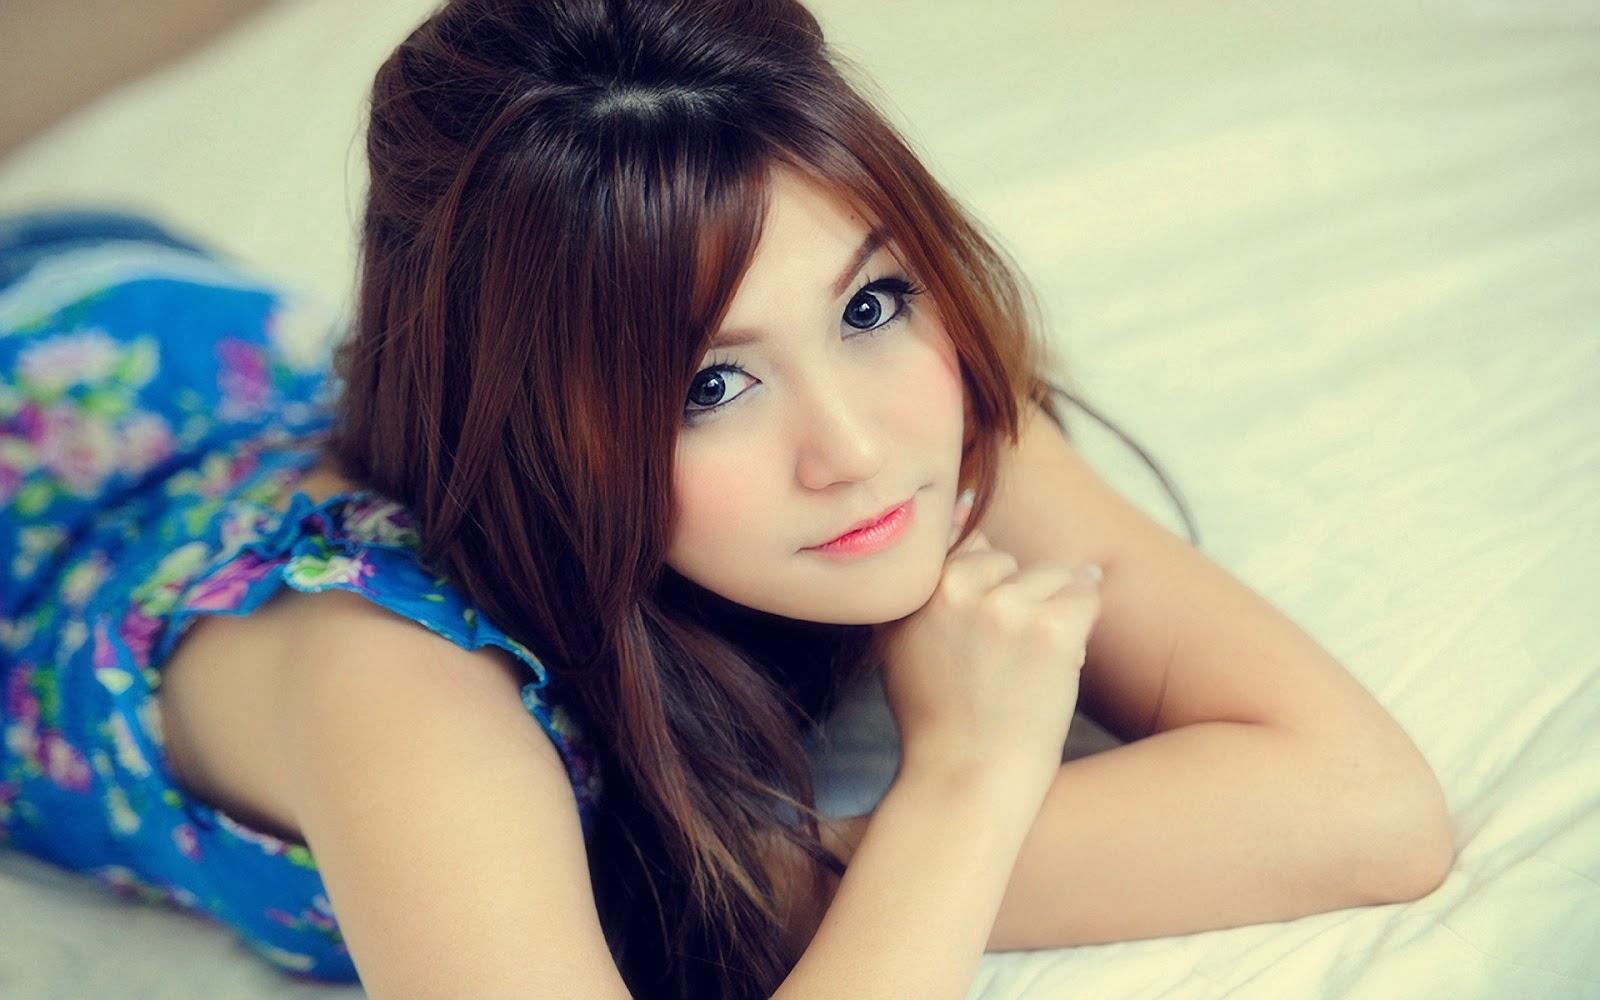 صورة بنات مراهقات , اجمل صور بنات في سن المراهقة 3593